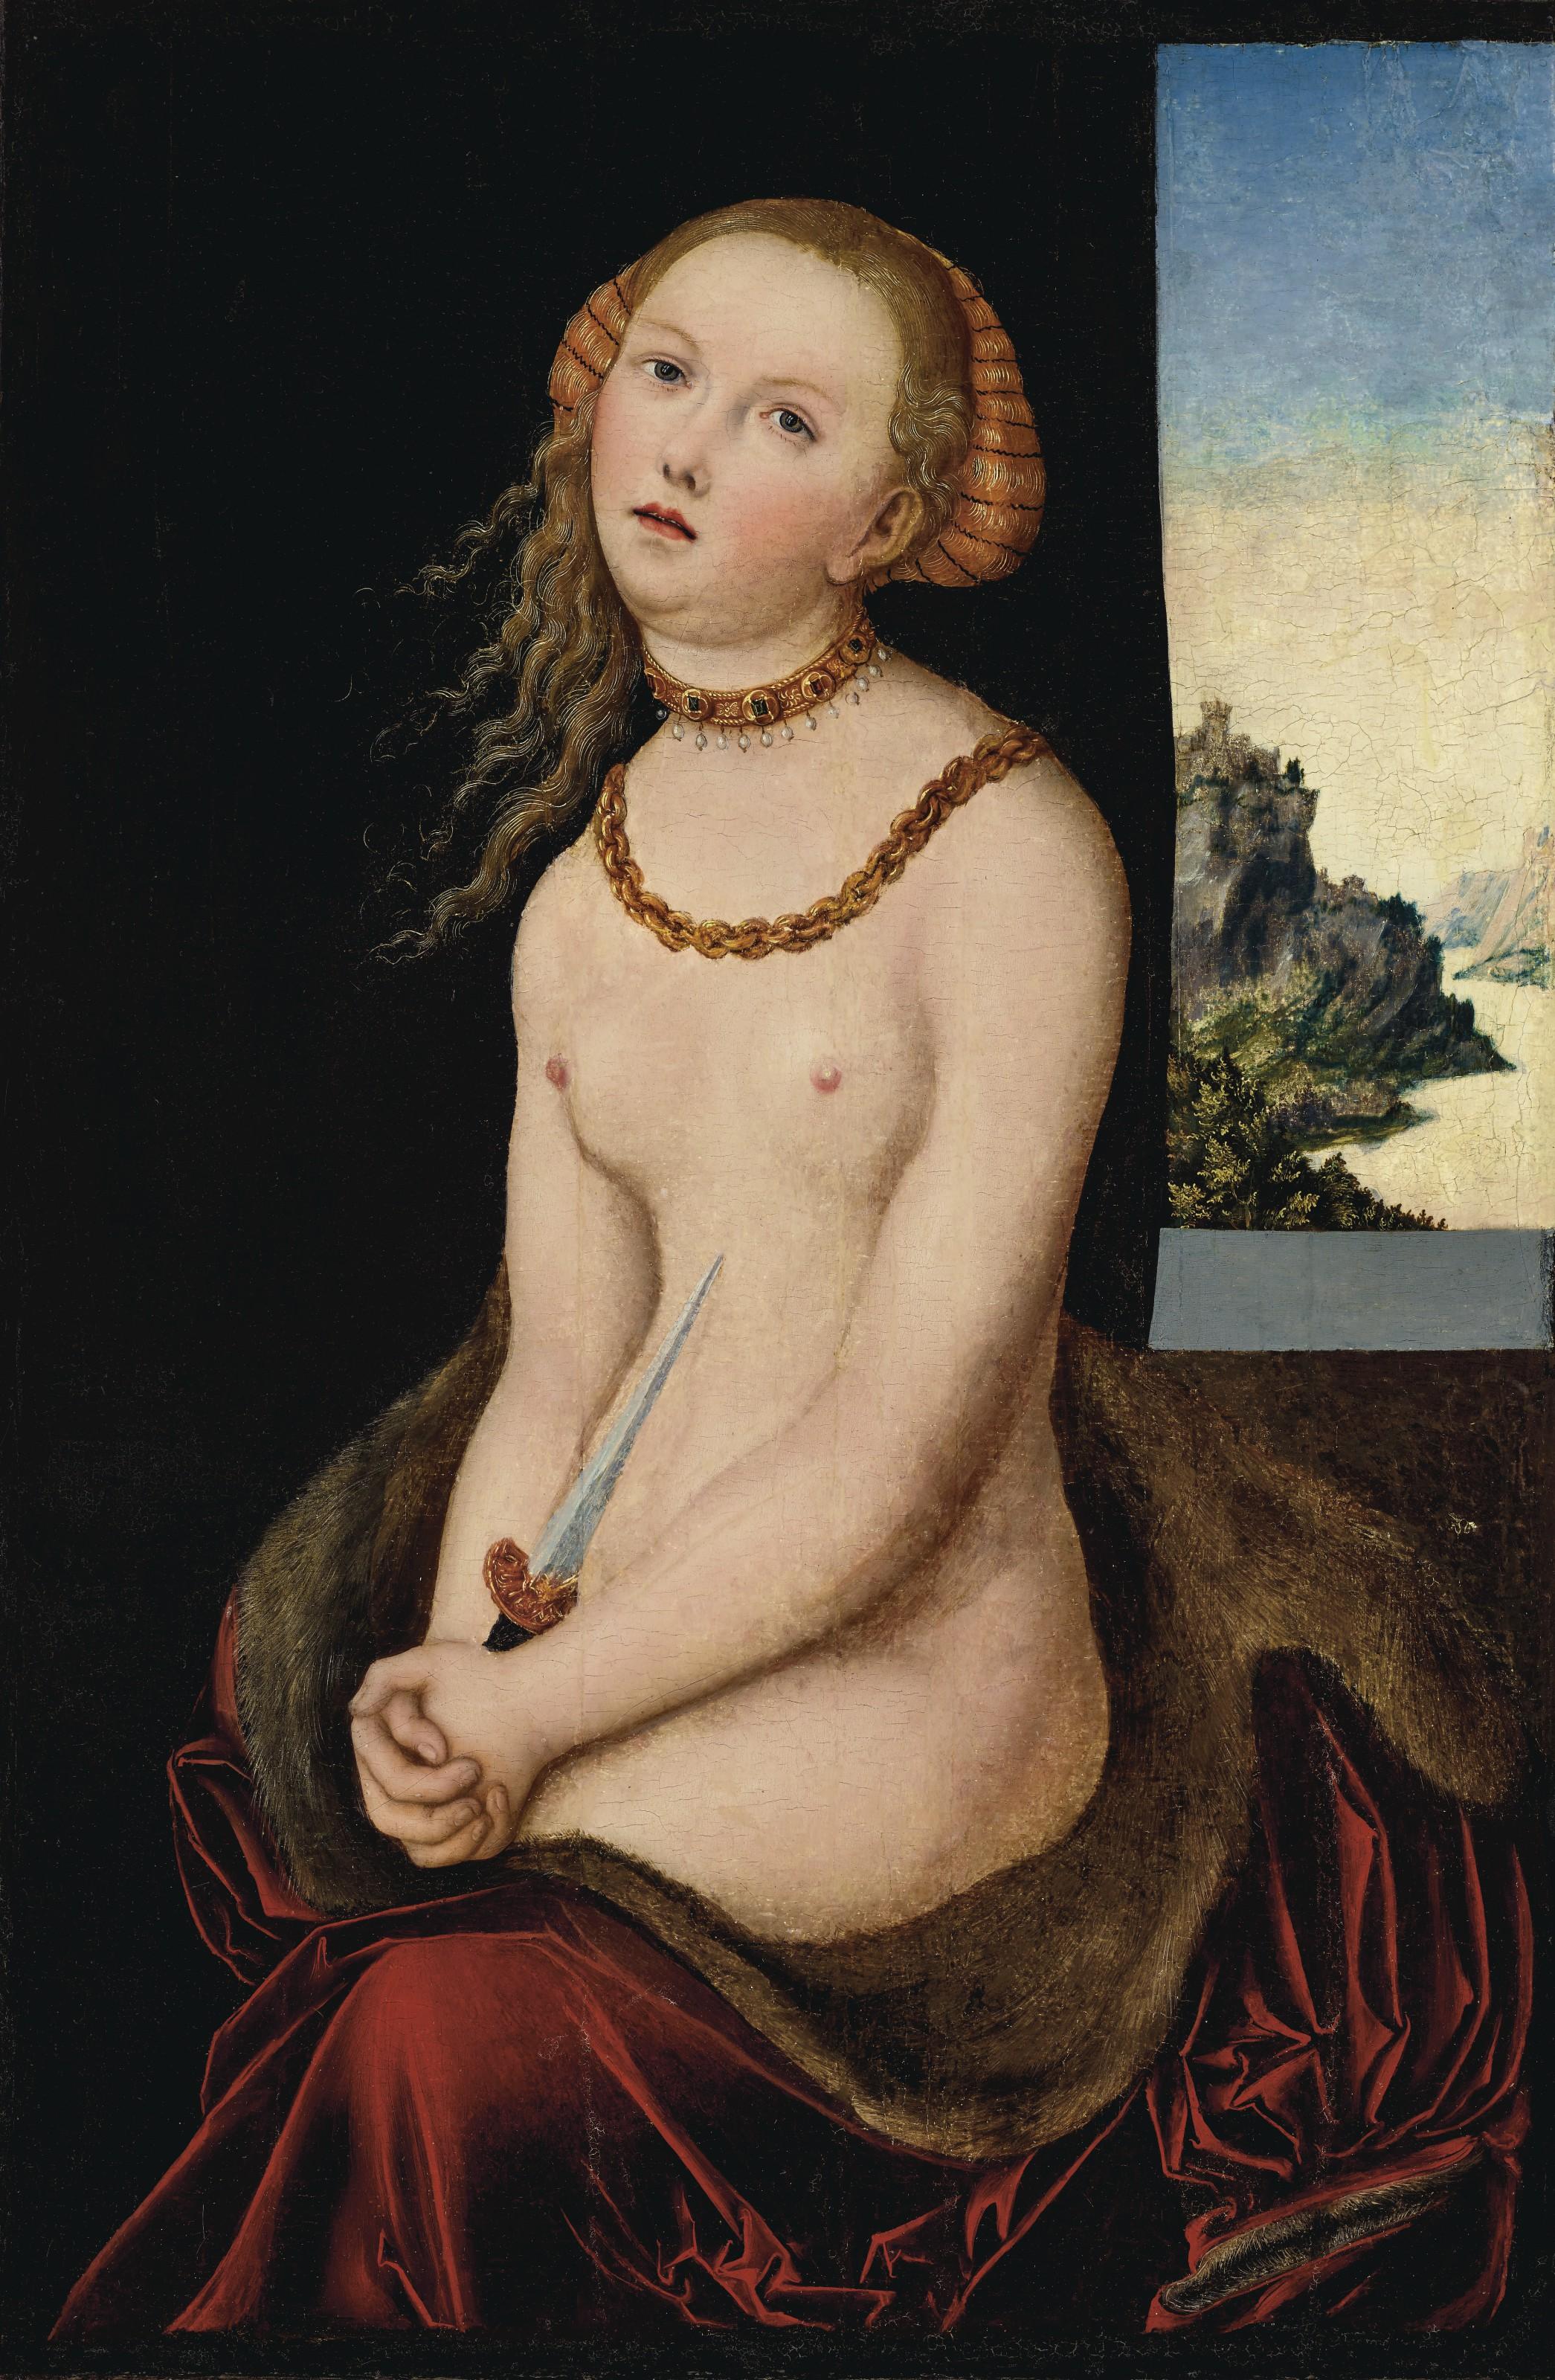 Lucas Cranach I, Lucretia